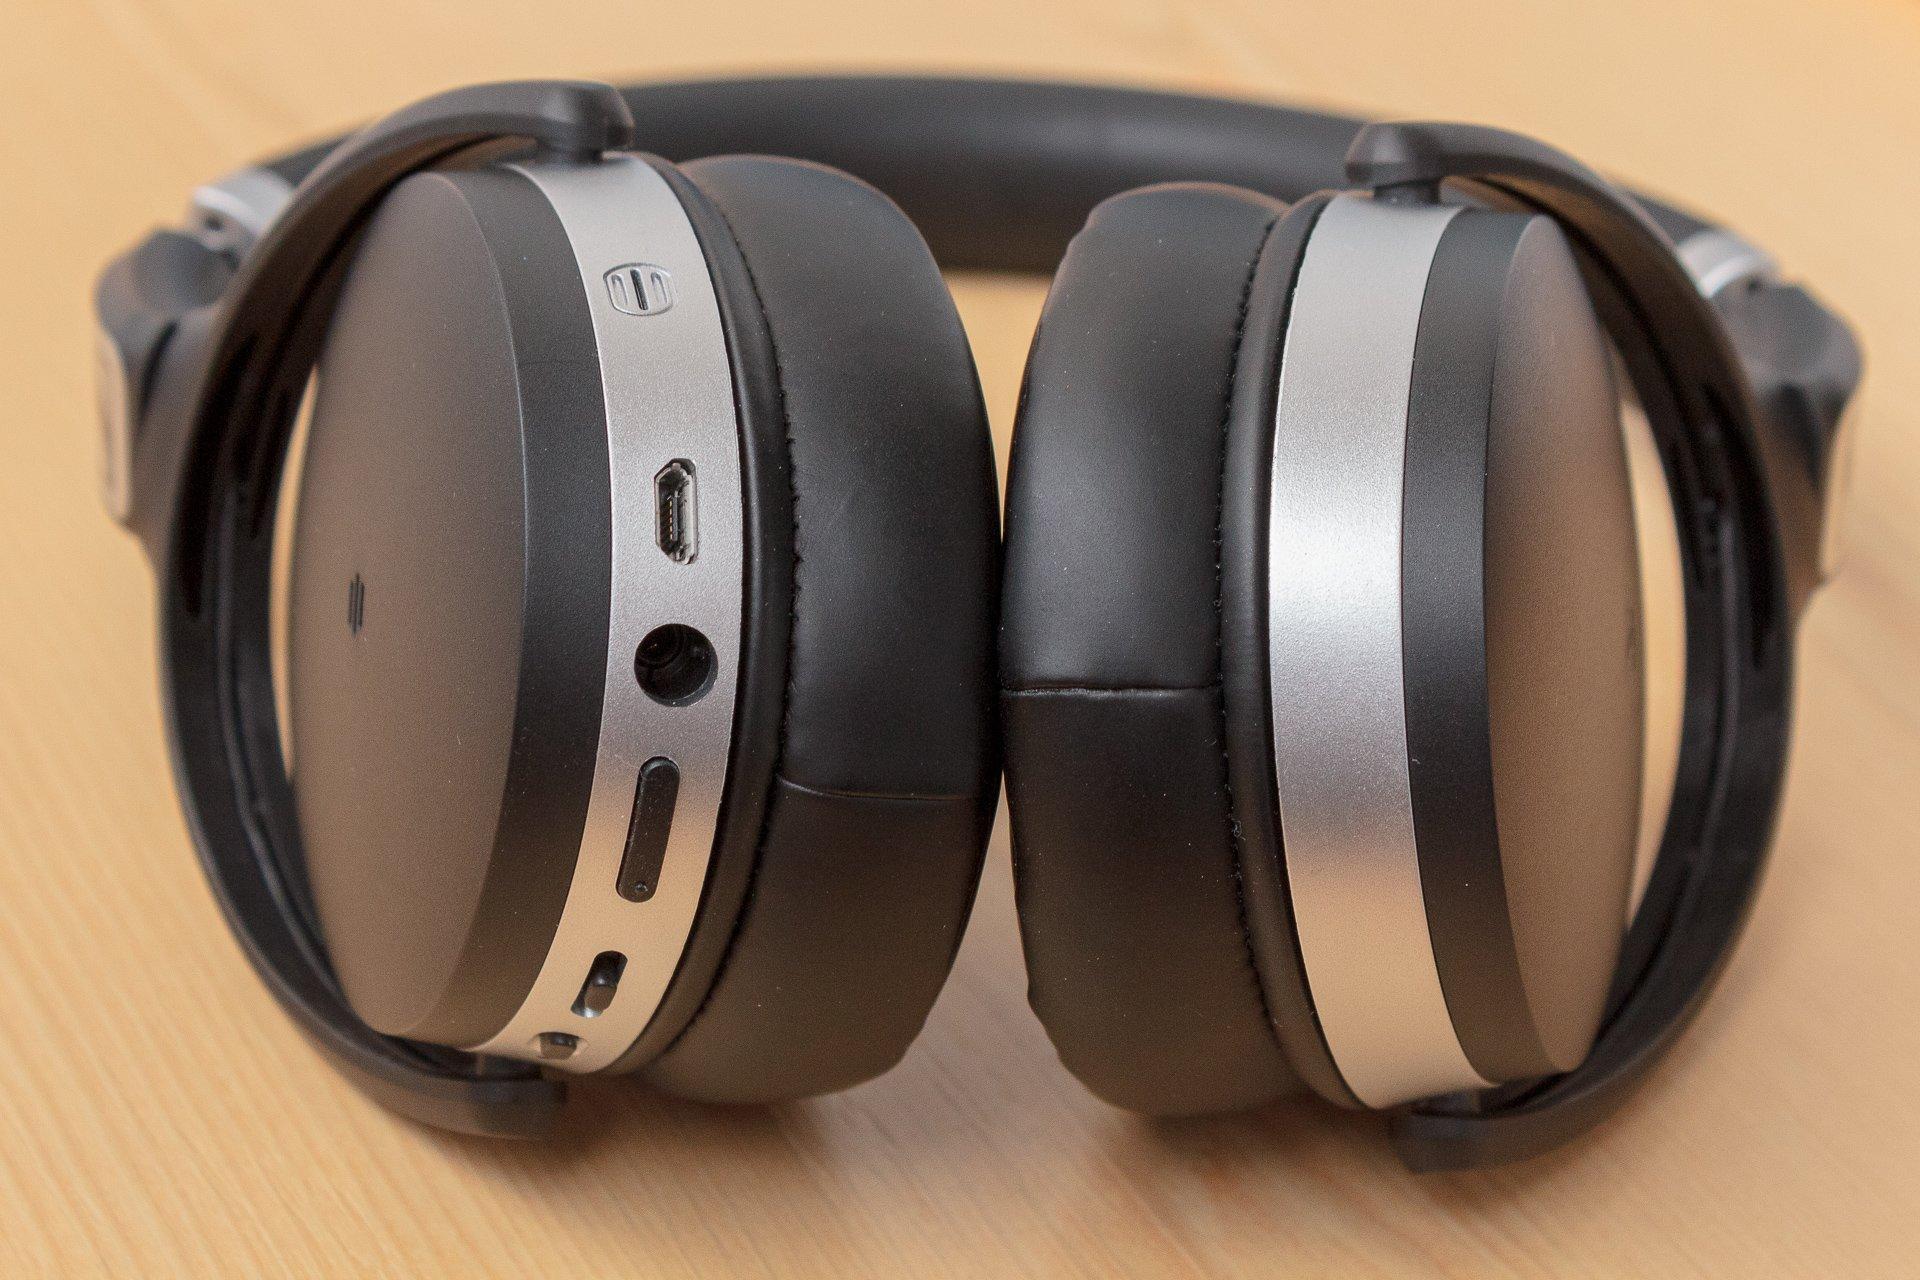 Recenzja Sennheiser HD 4.50 BTNC - doskonały dźwięk w wielkiej obudowie 24